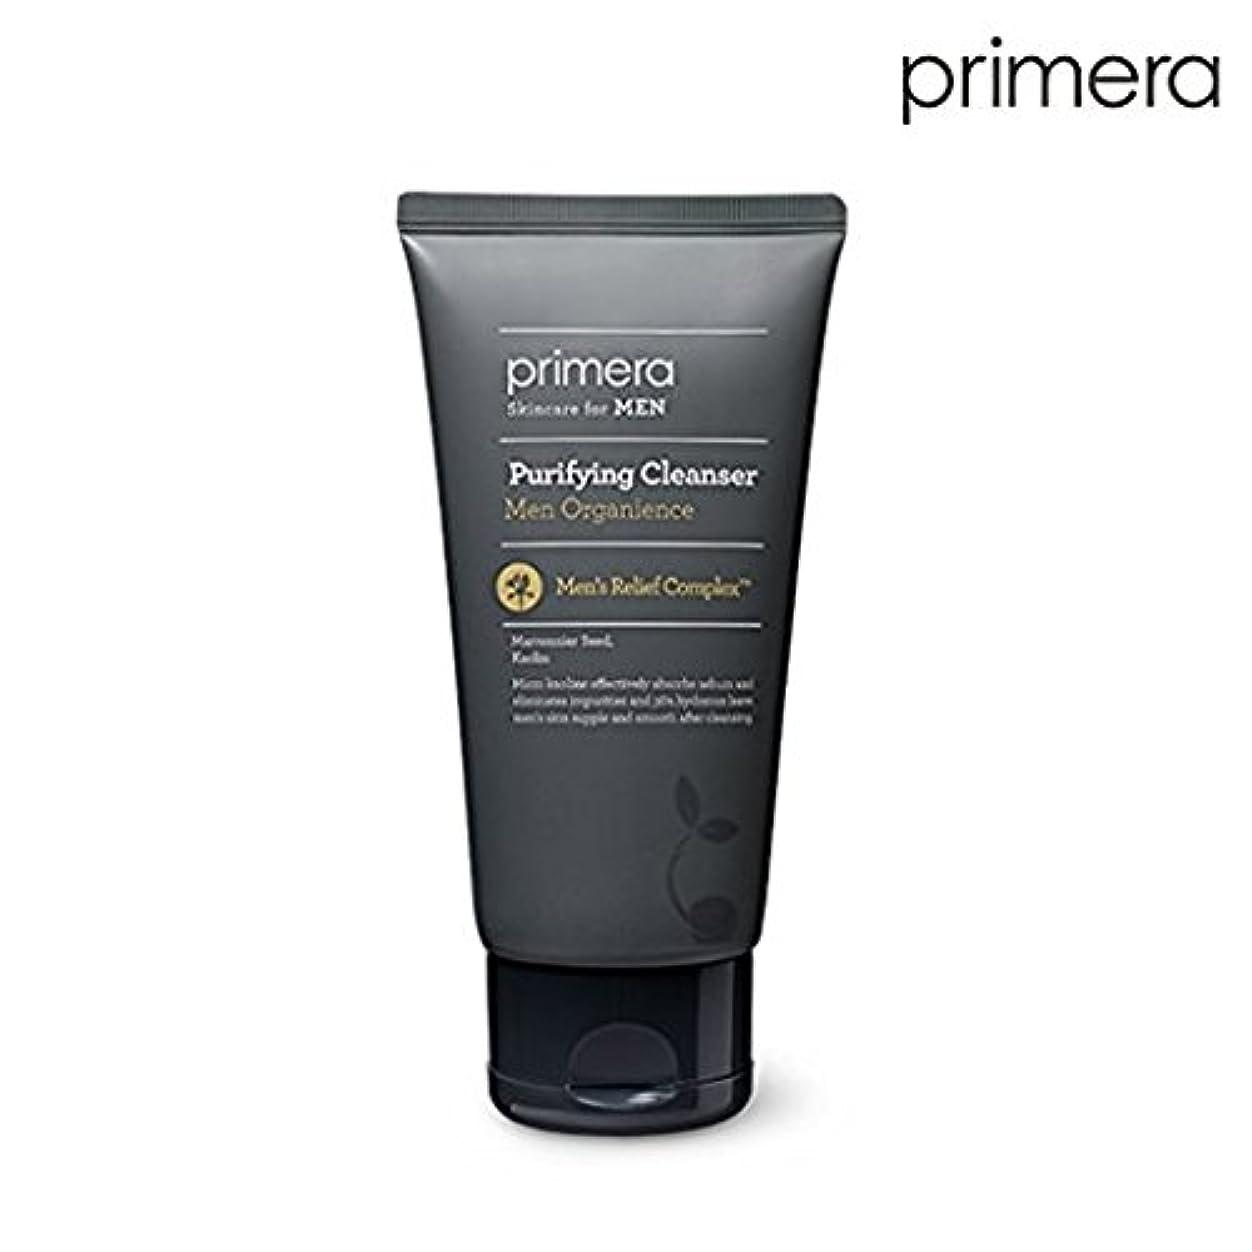 Primera(プリメラ) メンズオーガニックピュリファイングクレンザー150ml /primera Men Organience Purifying Cleanser 150ml[海外直送品] [並行輸入品]